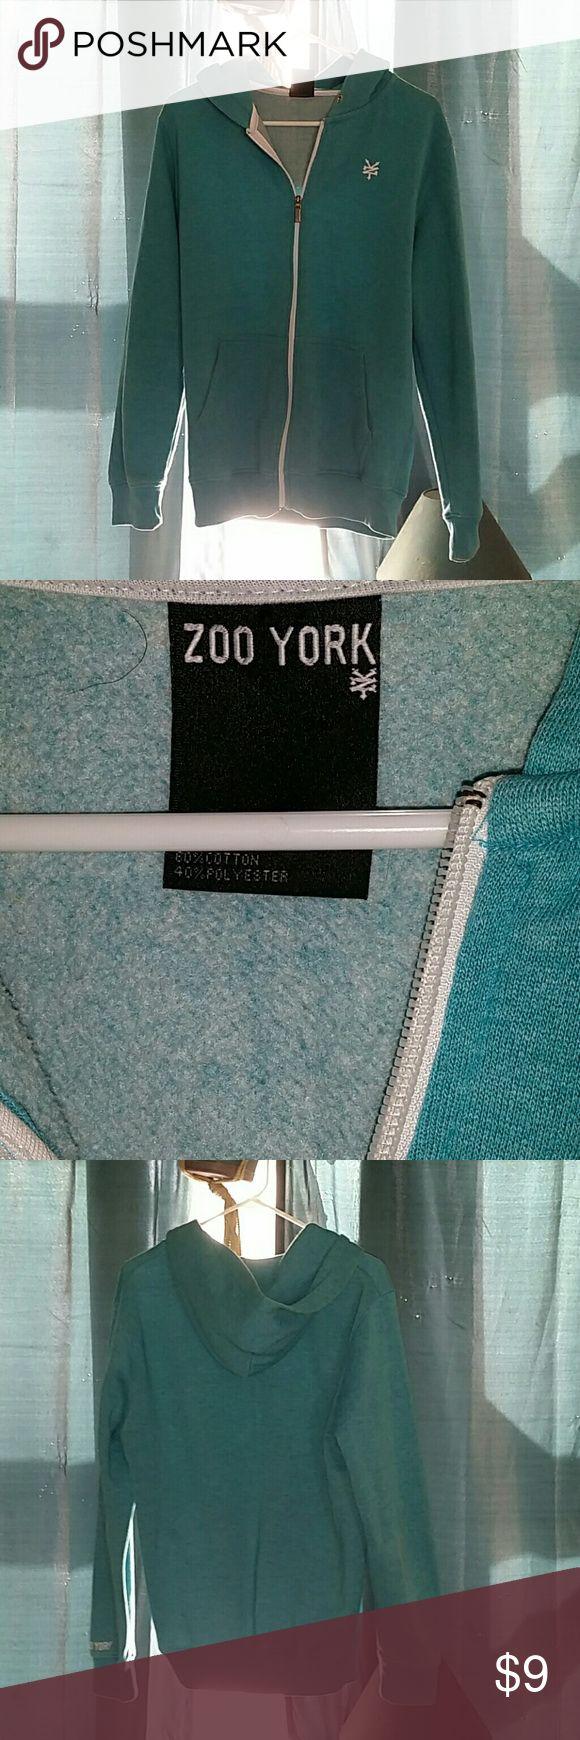 Zoo York hoodie Zoo York hoodie Zoo York Tops Sweatshirts & Hoodies